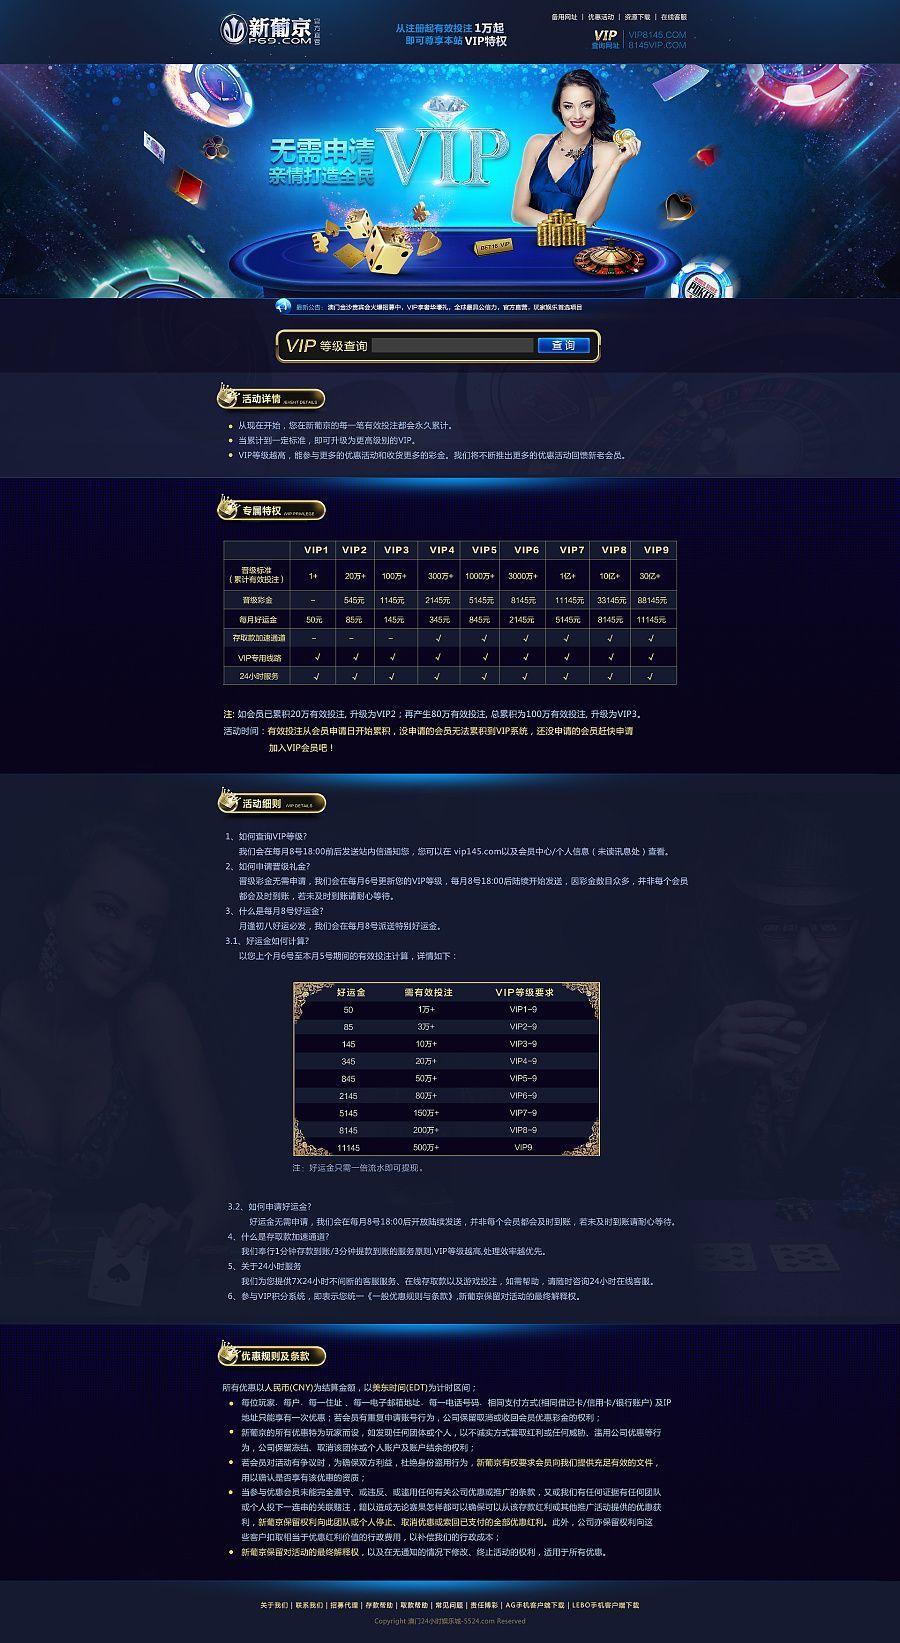 棋牌 #onlinecasinomalaysia #trustedonline casino #scr888 #supergold7slot #918kiss